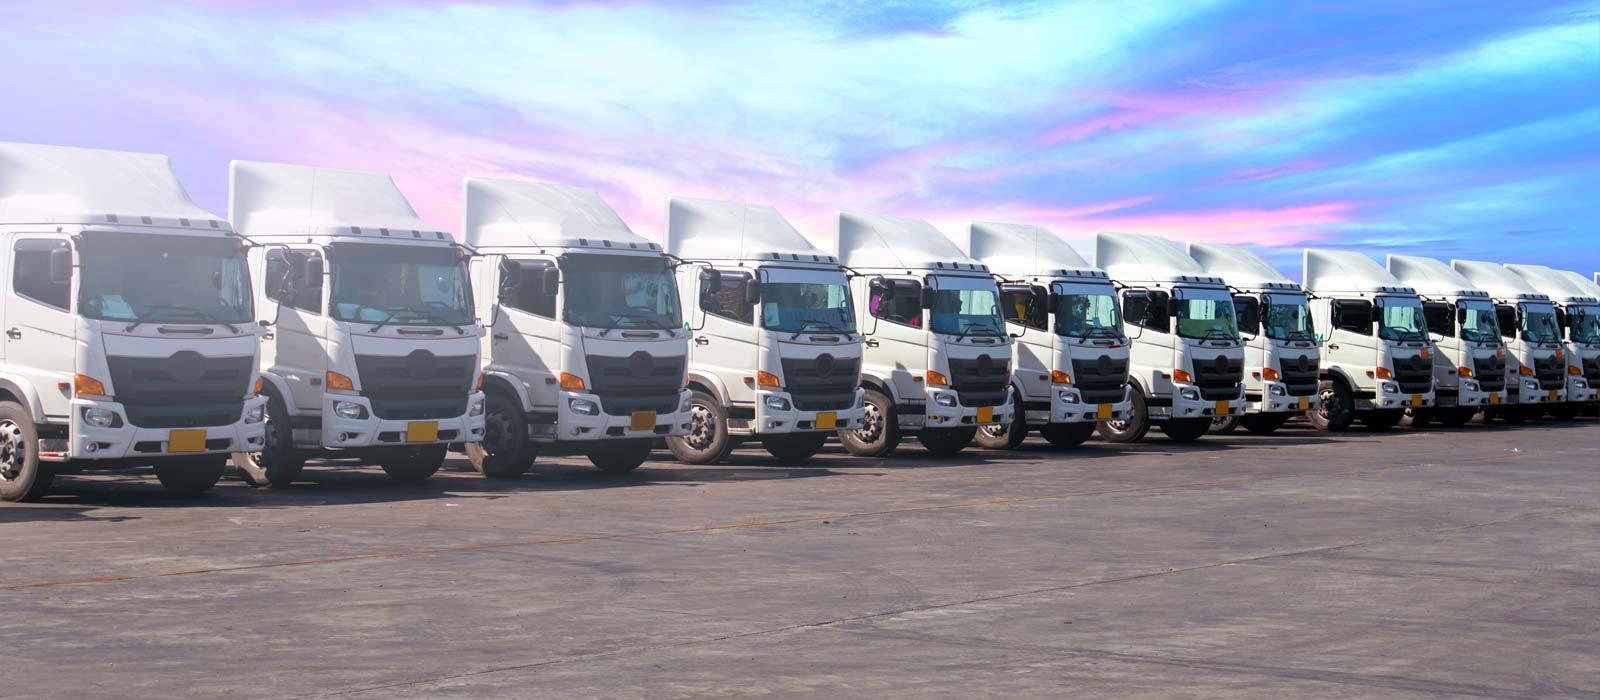 Fleet Management